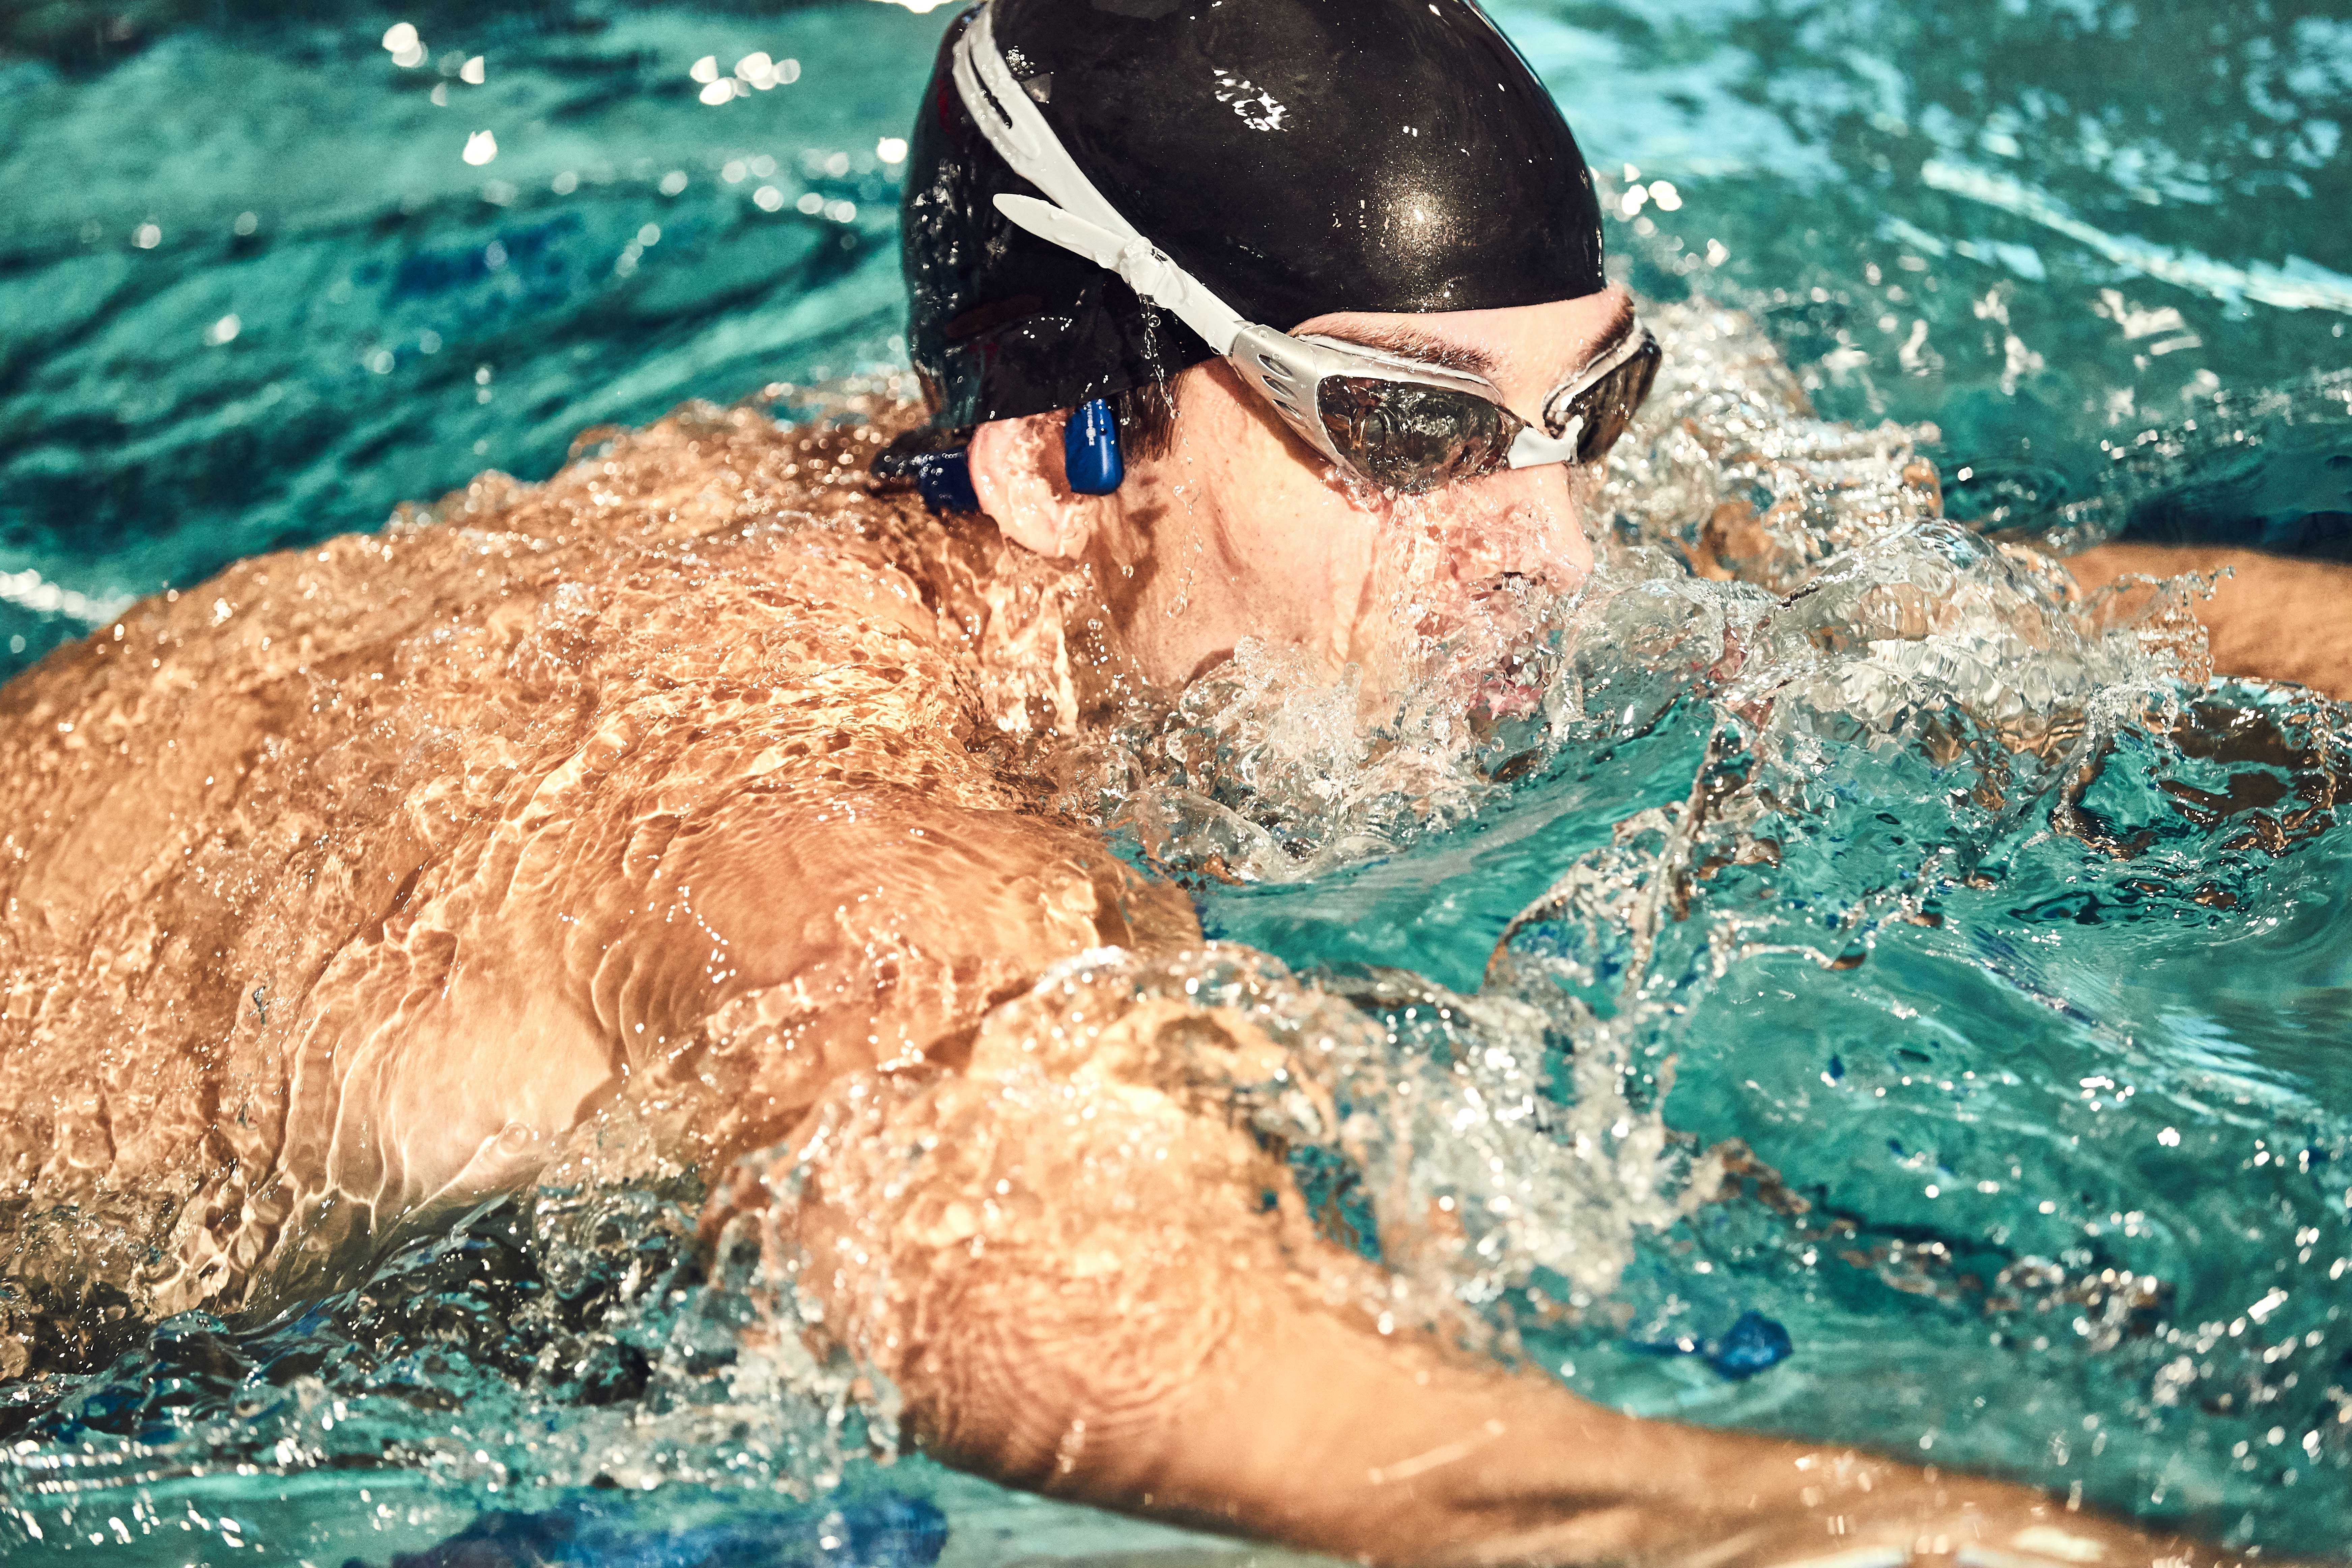 xtrainerz-pool-blue-4888-72dpi